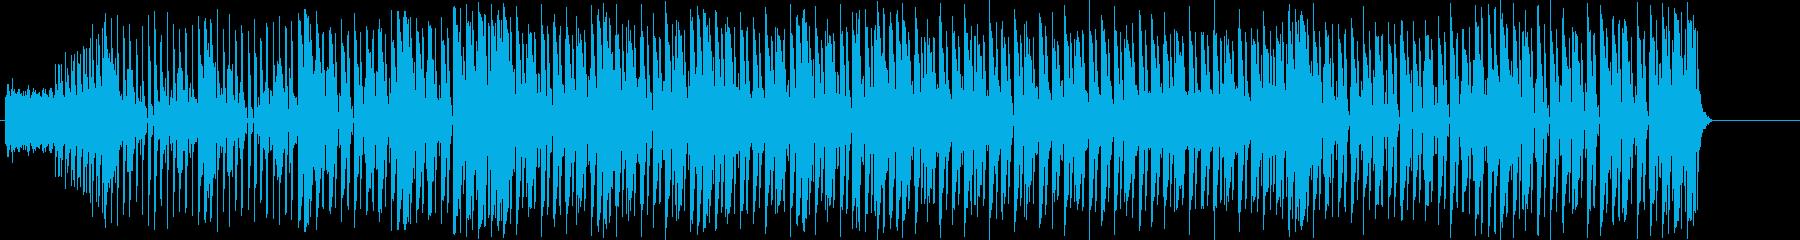 リズミカルで疾走感のあるBGMの再生済みの波形